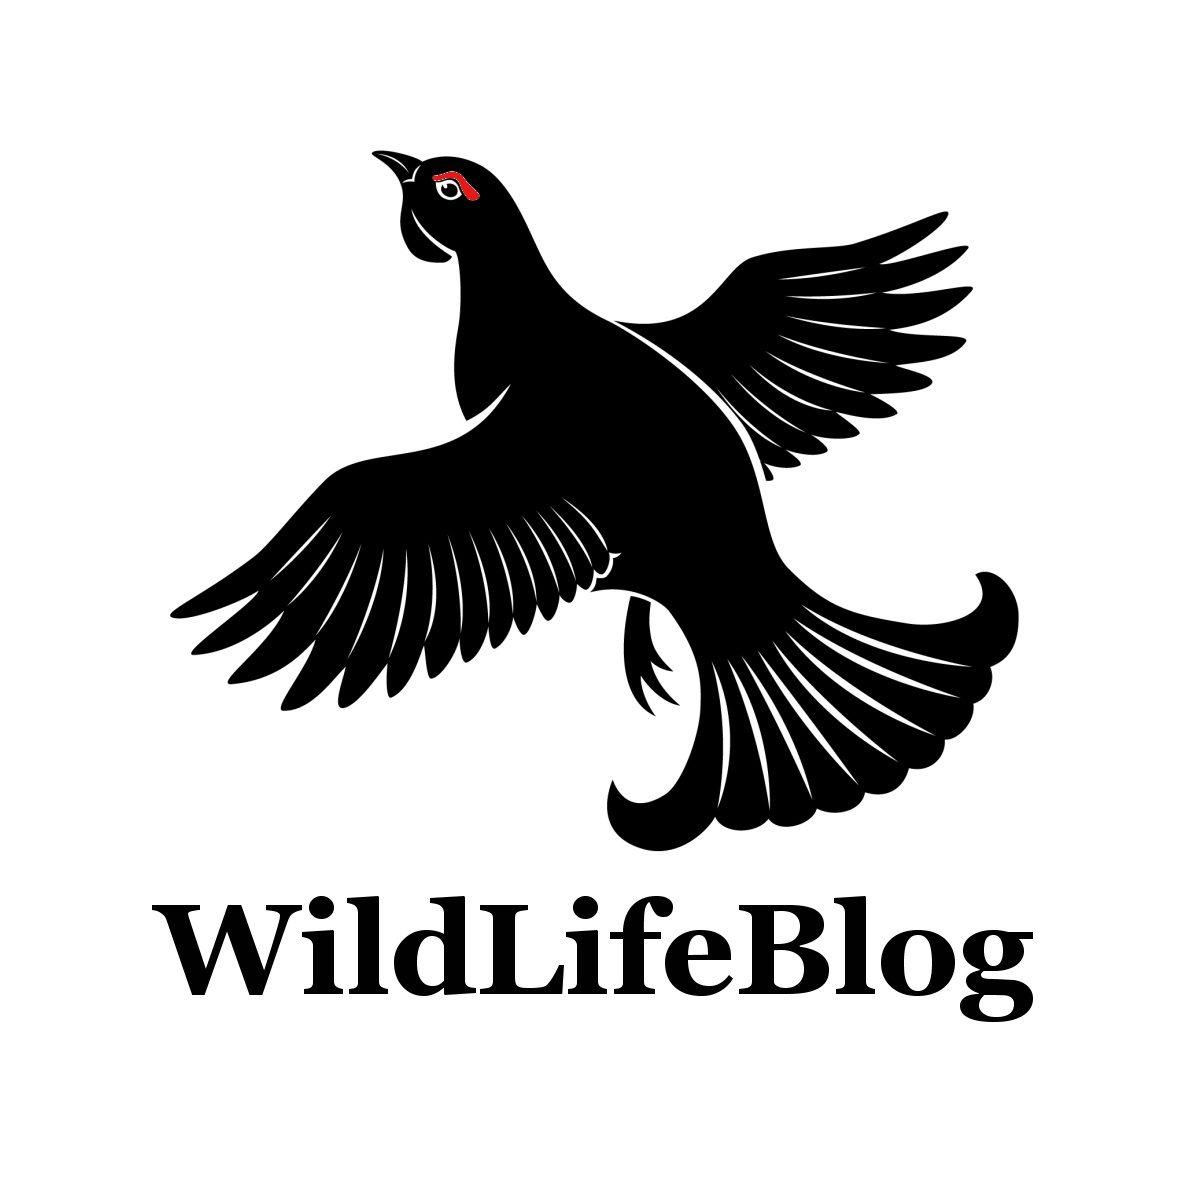 logo WildLifeBlog